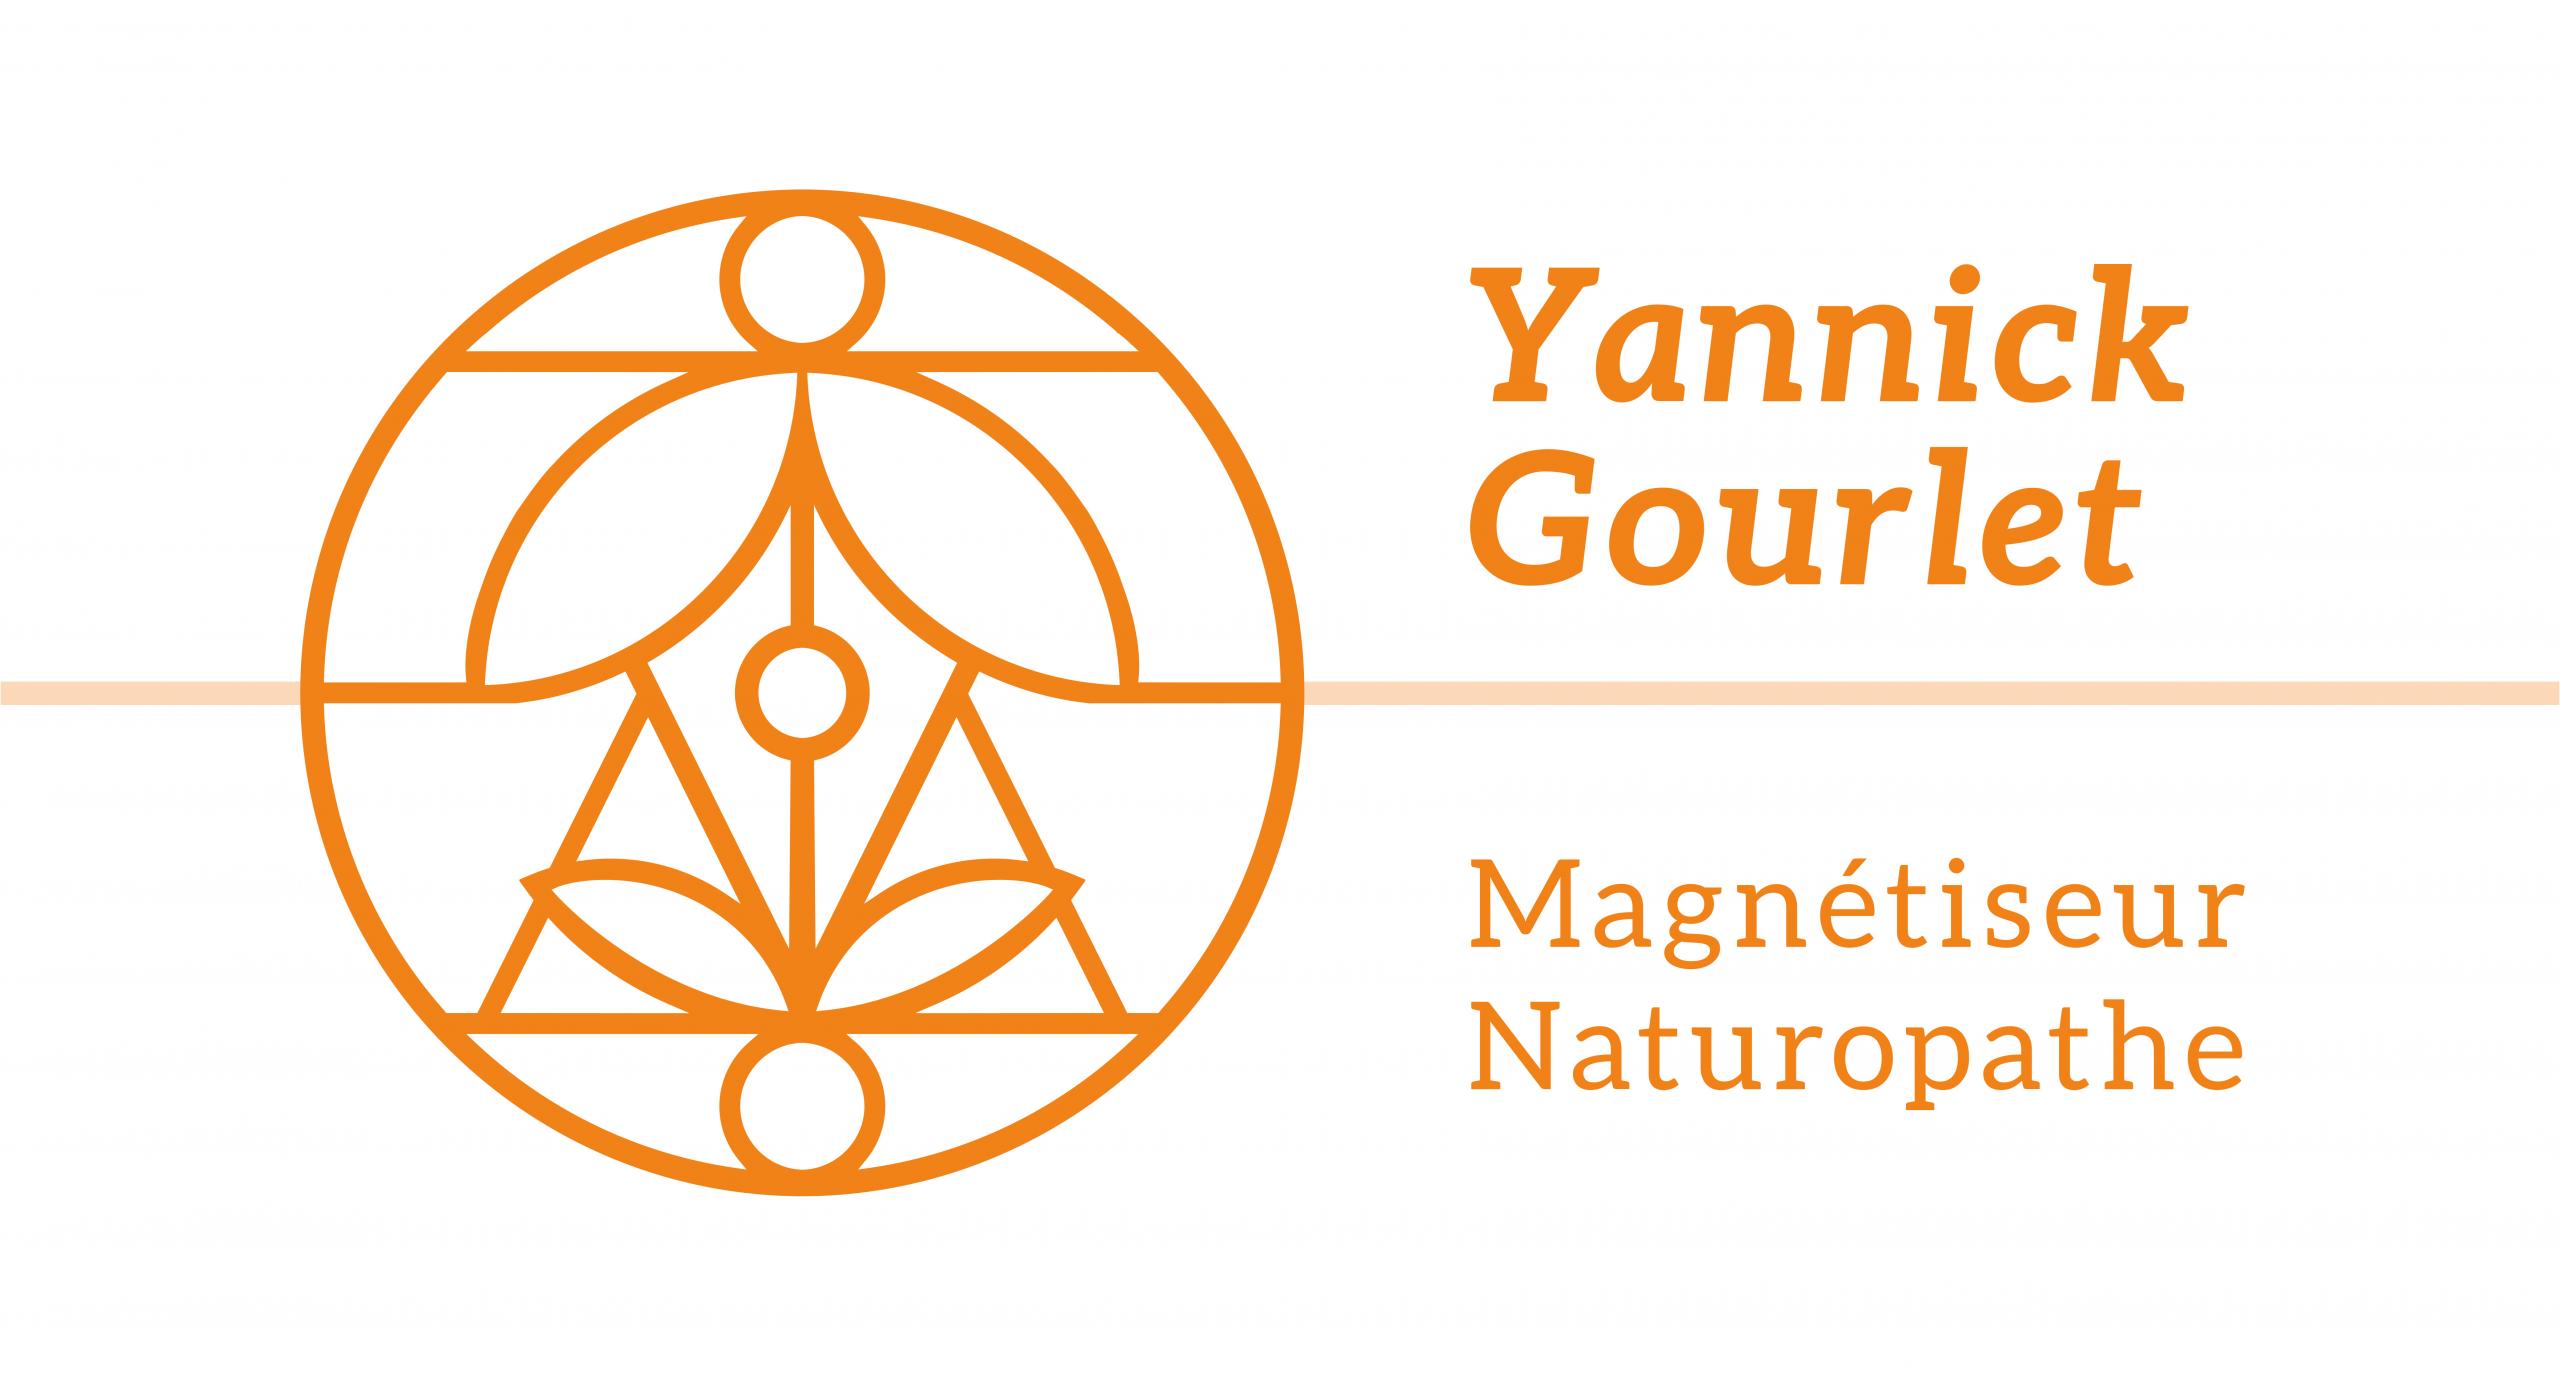 Magnétiseur naturopathe - Bouguenais / Nantes